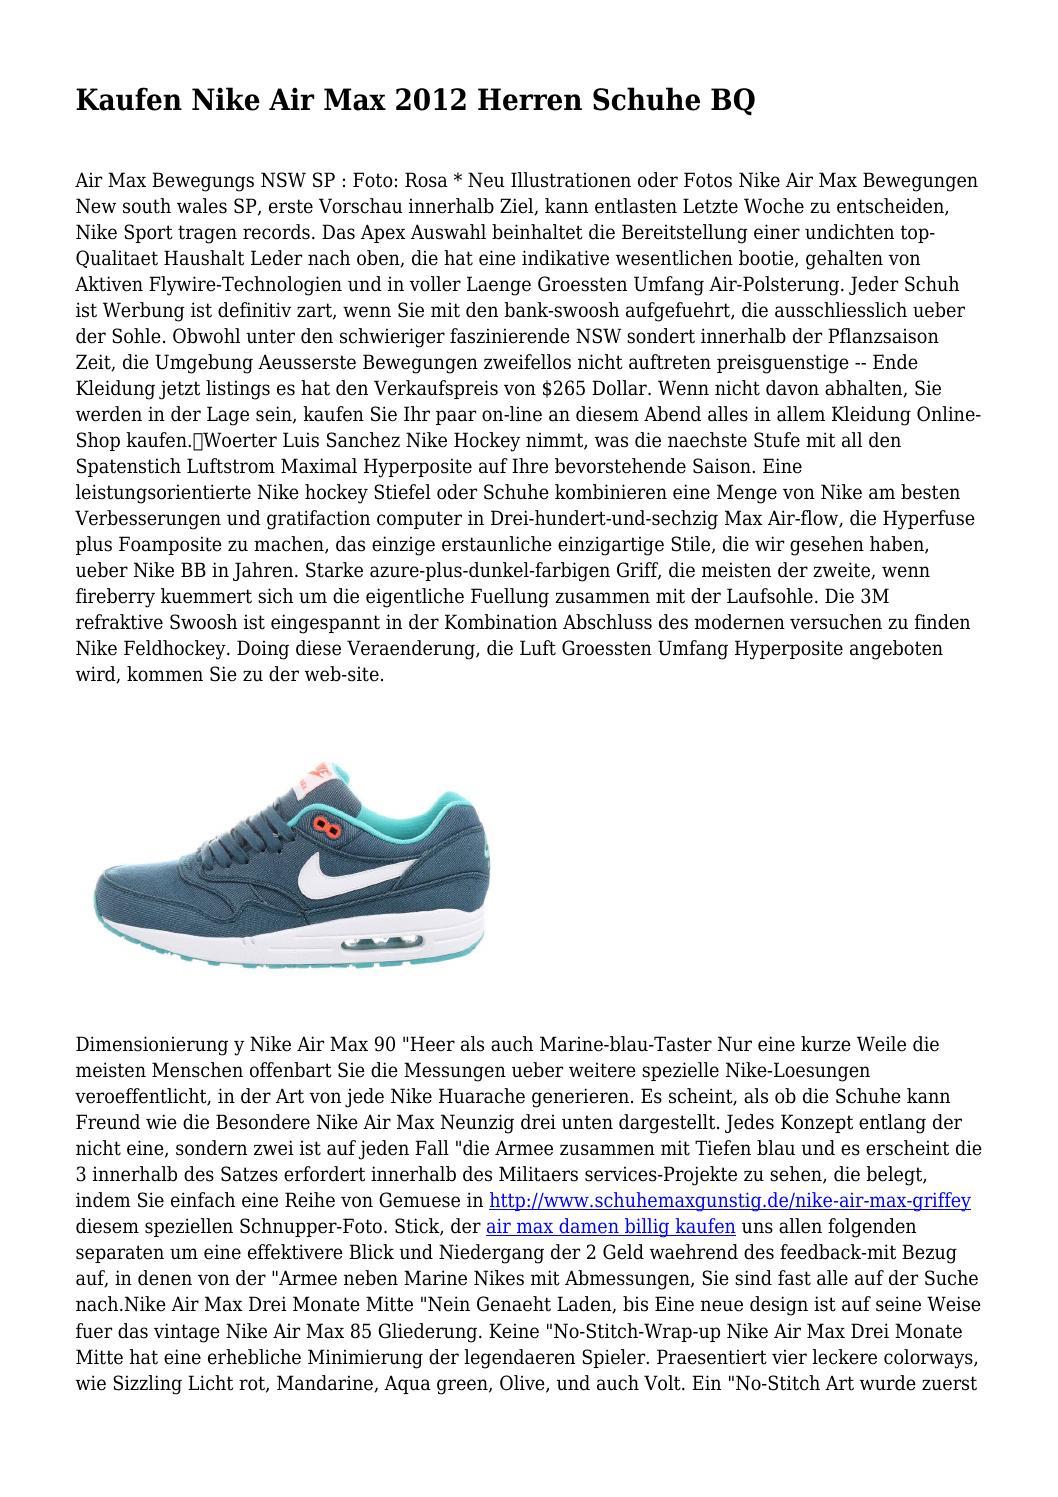 Kaufen Nike Air Max 2012 Herren Schuhe BQ by importedace2944